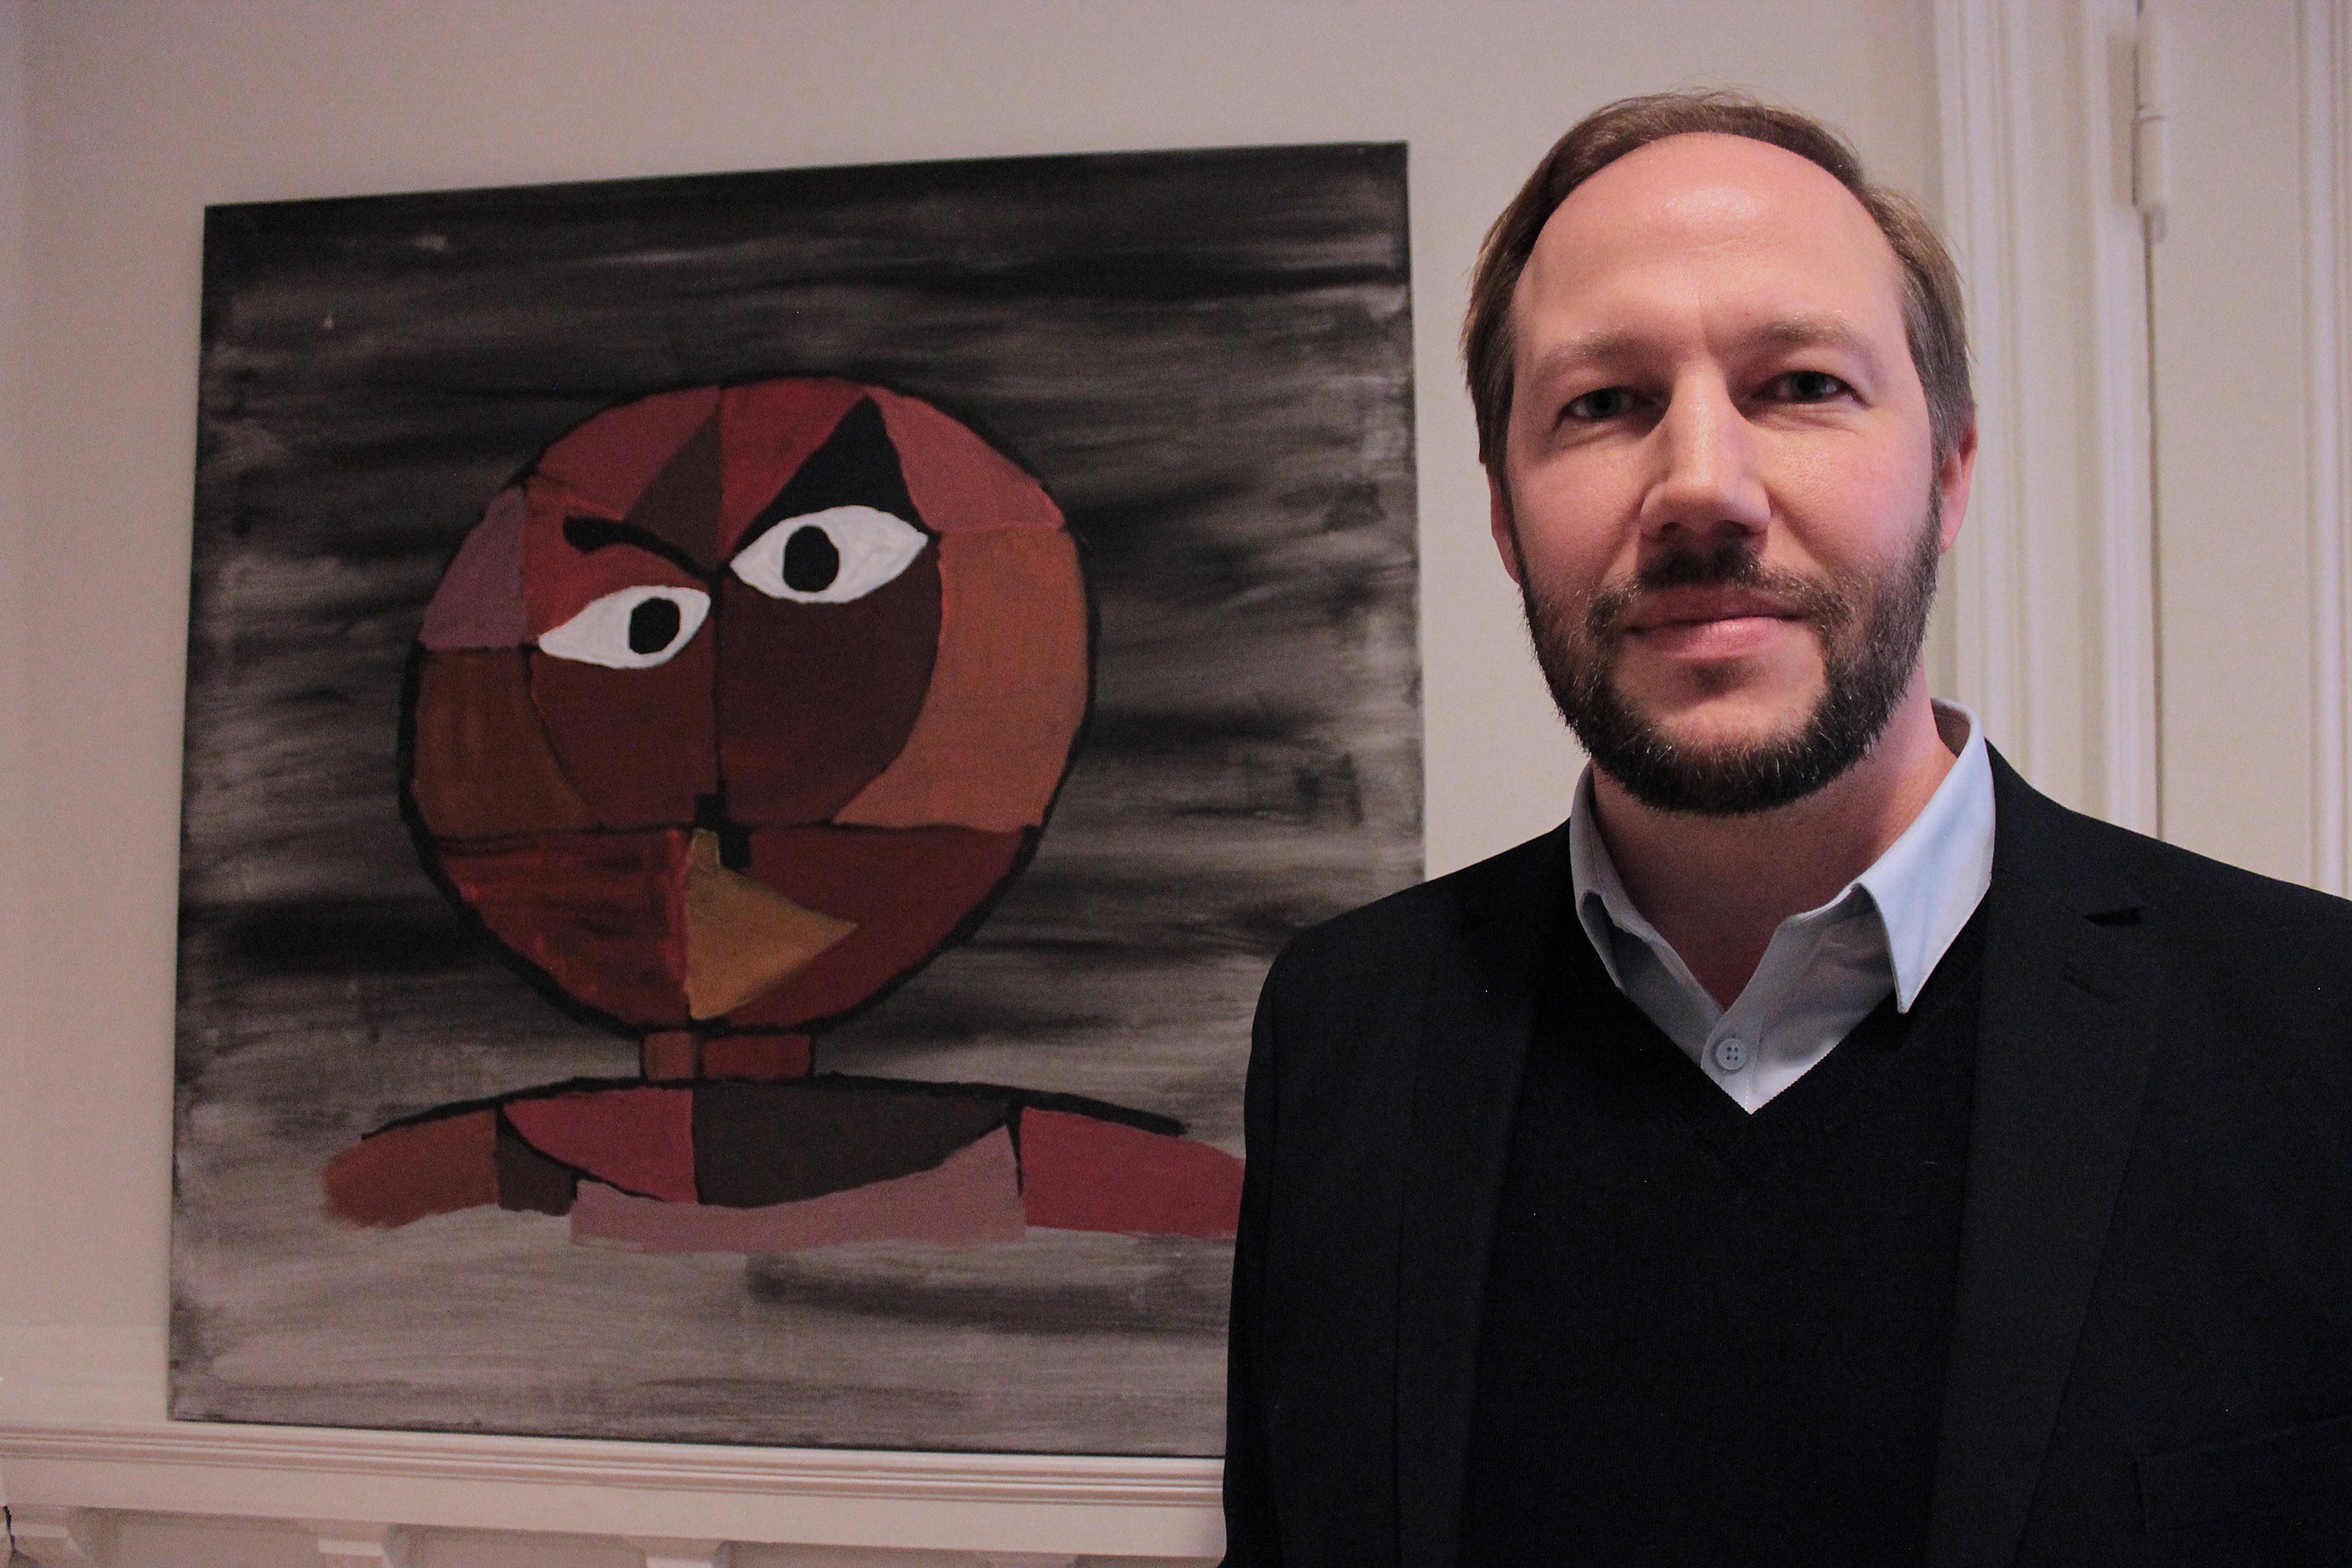 Bilden föreställer en man med brunt, kort hår och skägg, klädd i en svart tröja med en skjorta under. På väggen bakom honom hänger ett abstrakt porträtt av en människa med runt huvud.